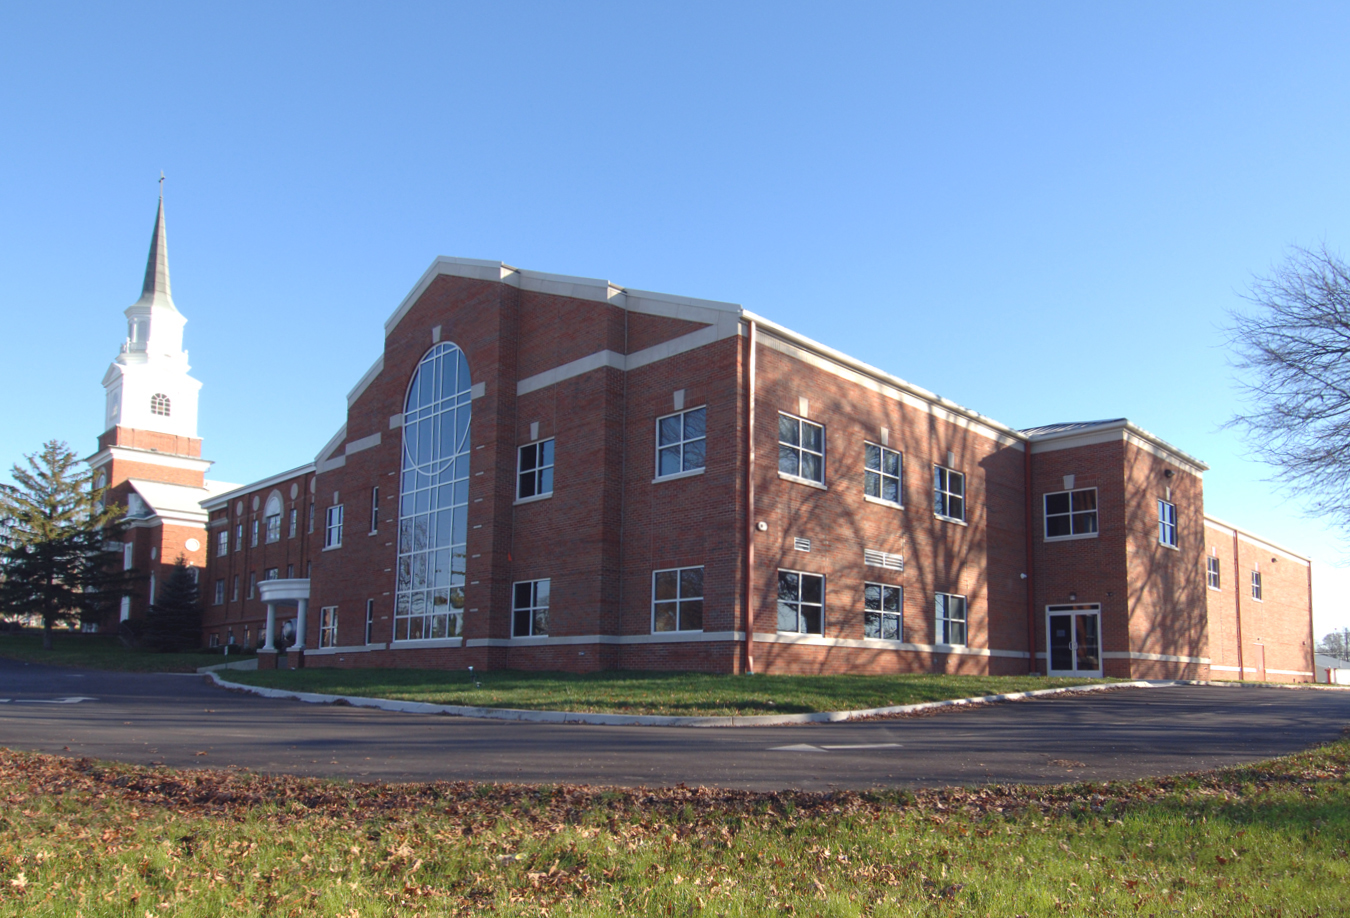 First Baptist Church, Shelbyville